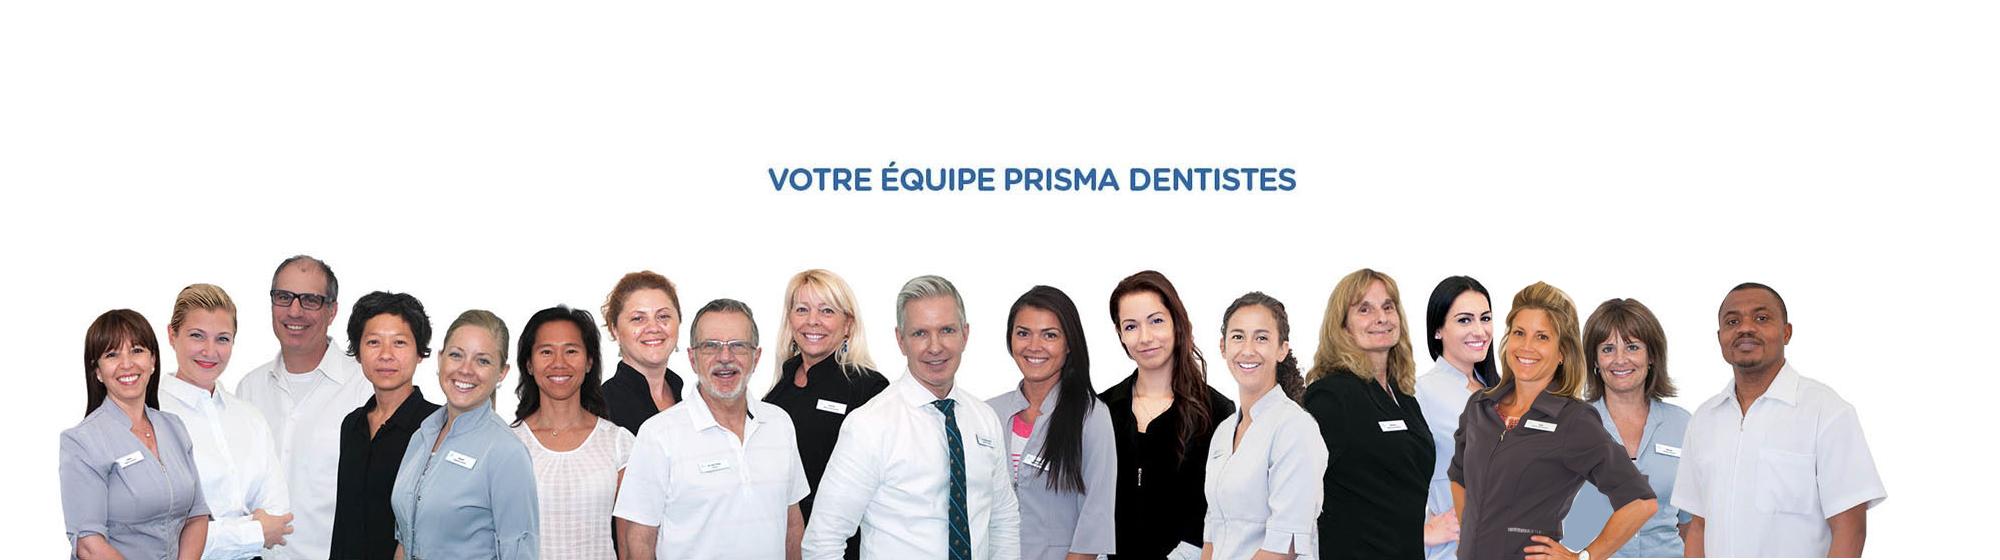 Votre Equipe Prisma Dentistes à Montréal